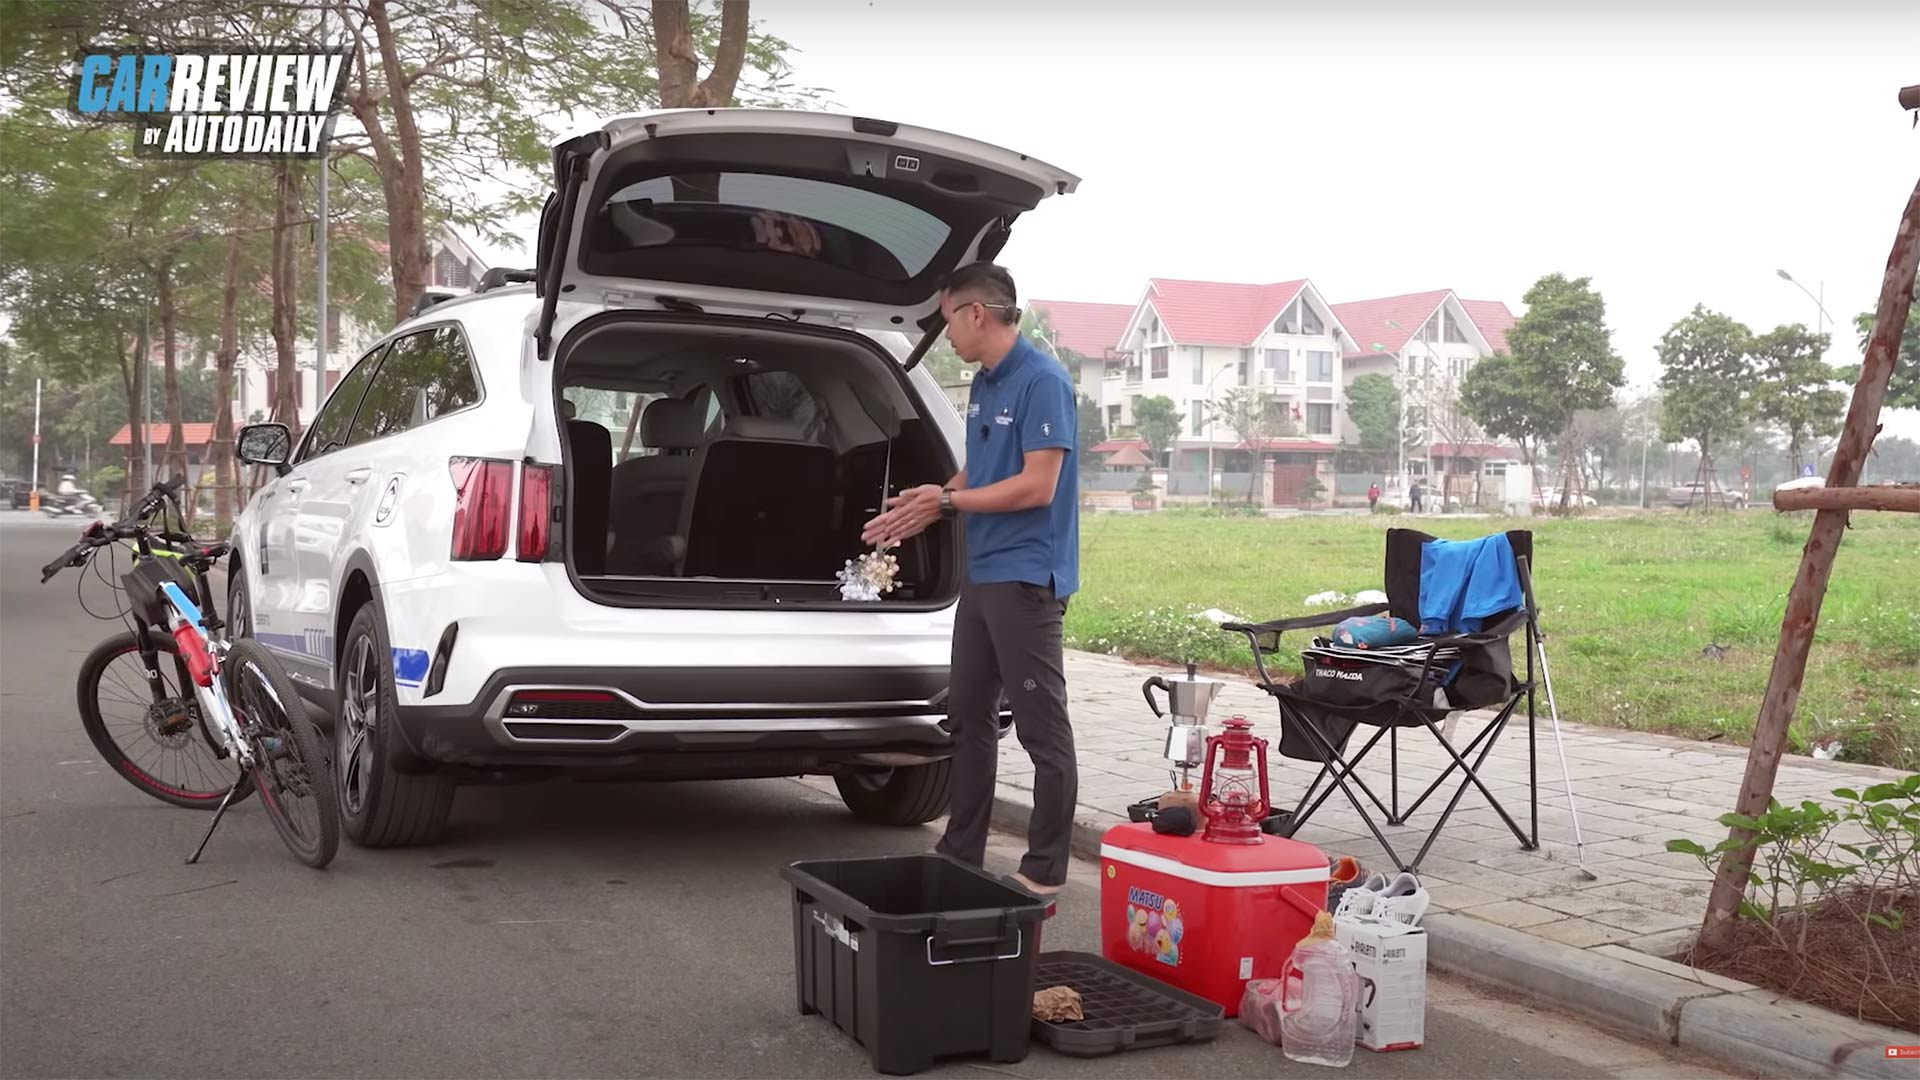 Những phụ kiện ô tô cực kỳ lợi hại trên xe (P1)